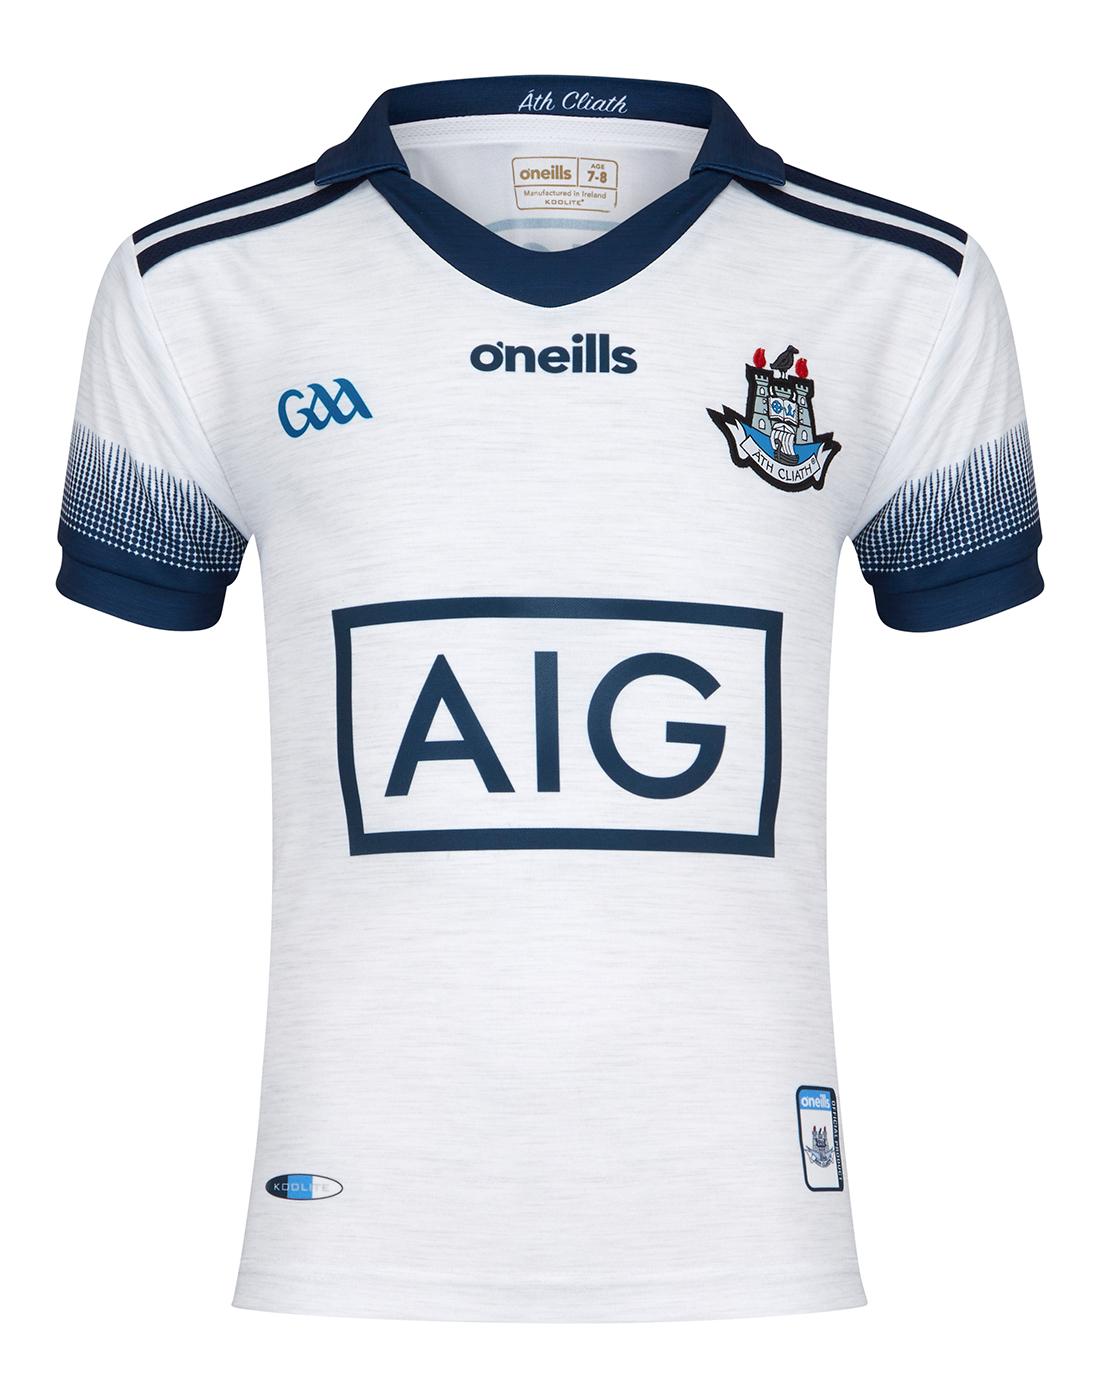 103538b79ce O Neills Kids Dublin Goalkeeper Jersey 2019